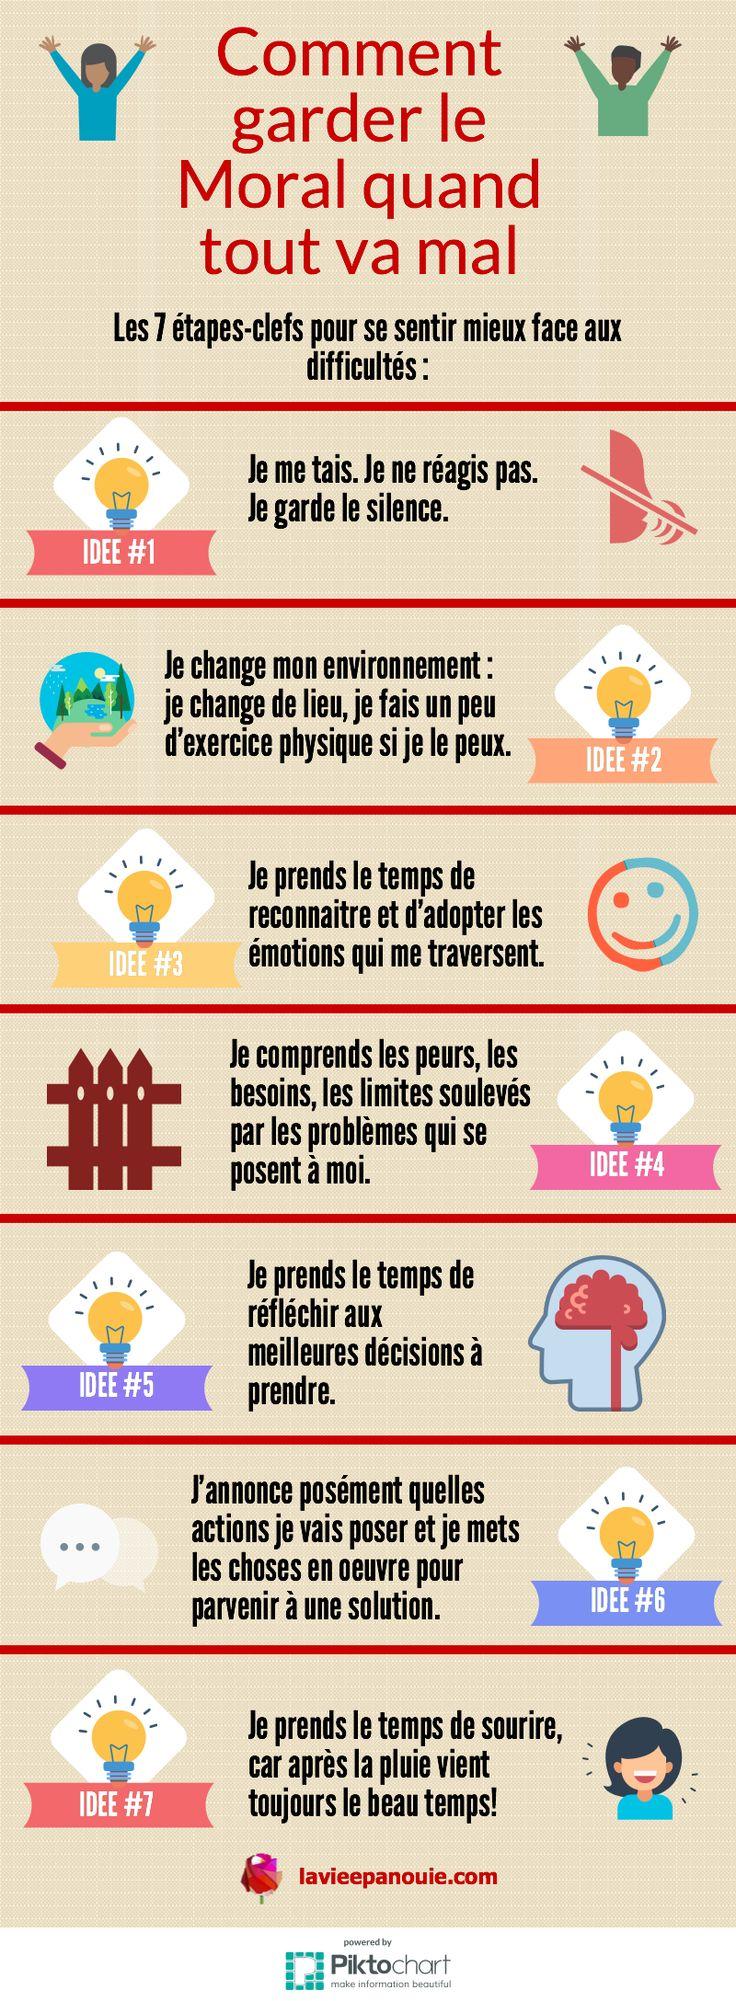 Comment garder le moral quand tout va mal, les 7 étapes-clefs pour garder le moral et l'énergie même face aux difficultés et aux problèmes